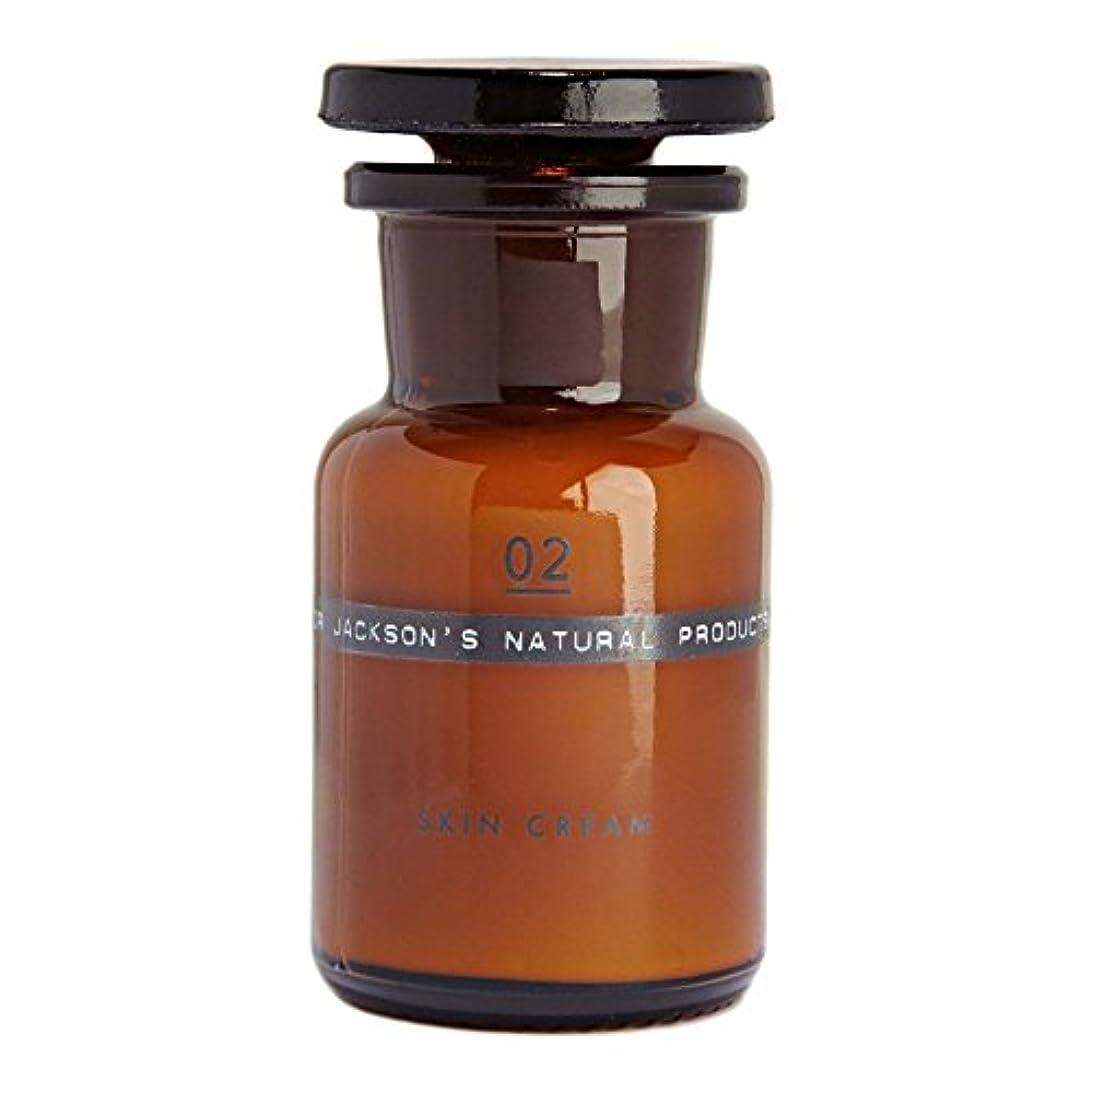 早める上院クレーターDr Jackson's 02 Skin Cream 50ml - ジャクソンの02スキンクリーム50ミリリットル [並行輸入品]